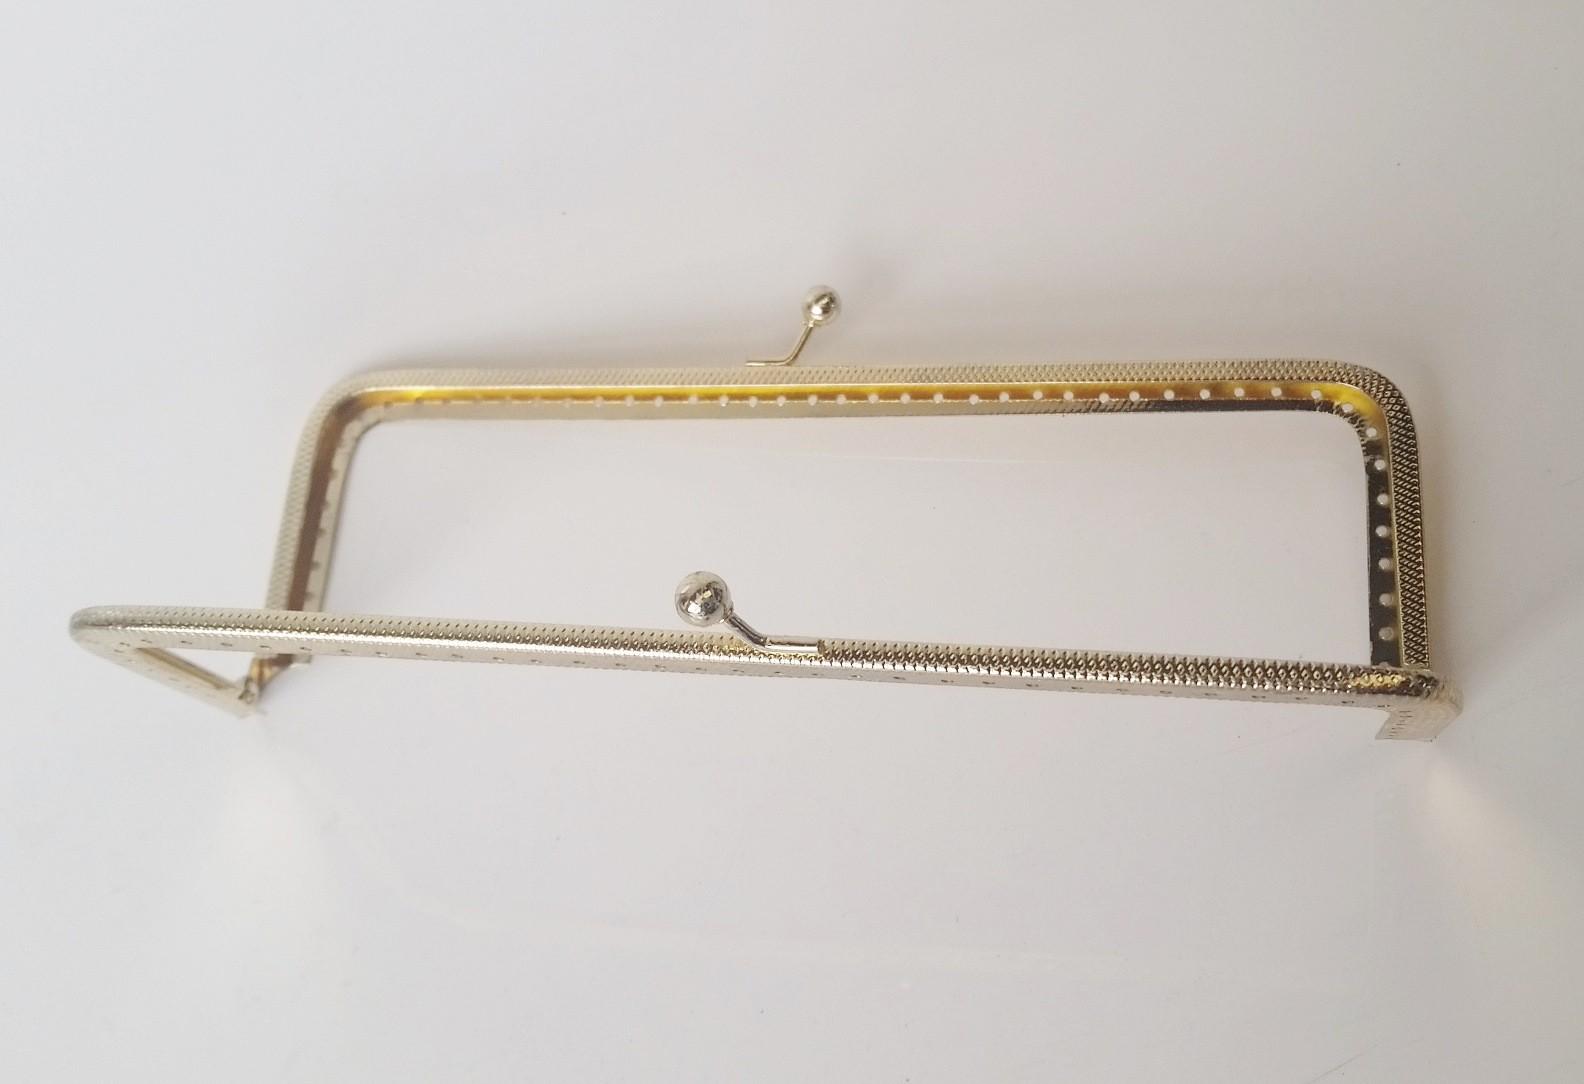 Armação 18cm x 6cm c/ furos p/ costura Latonada